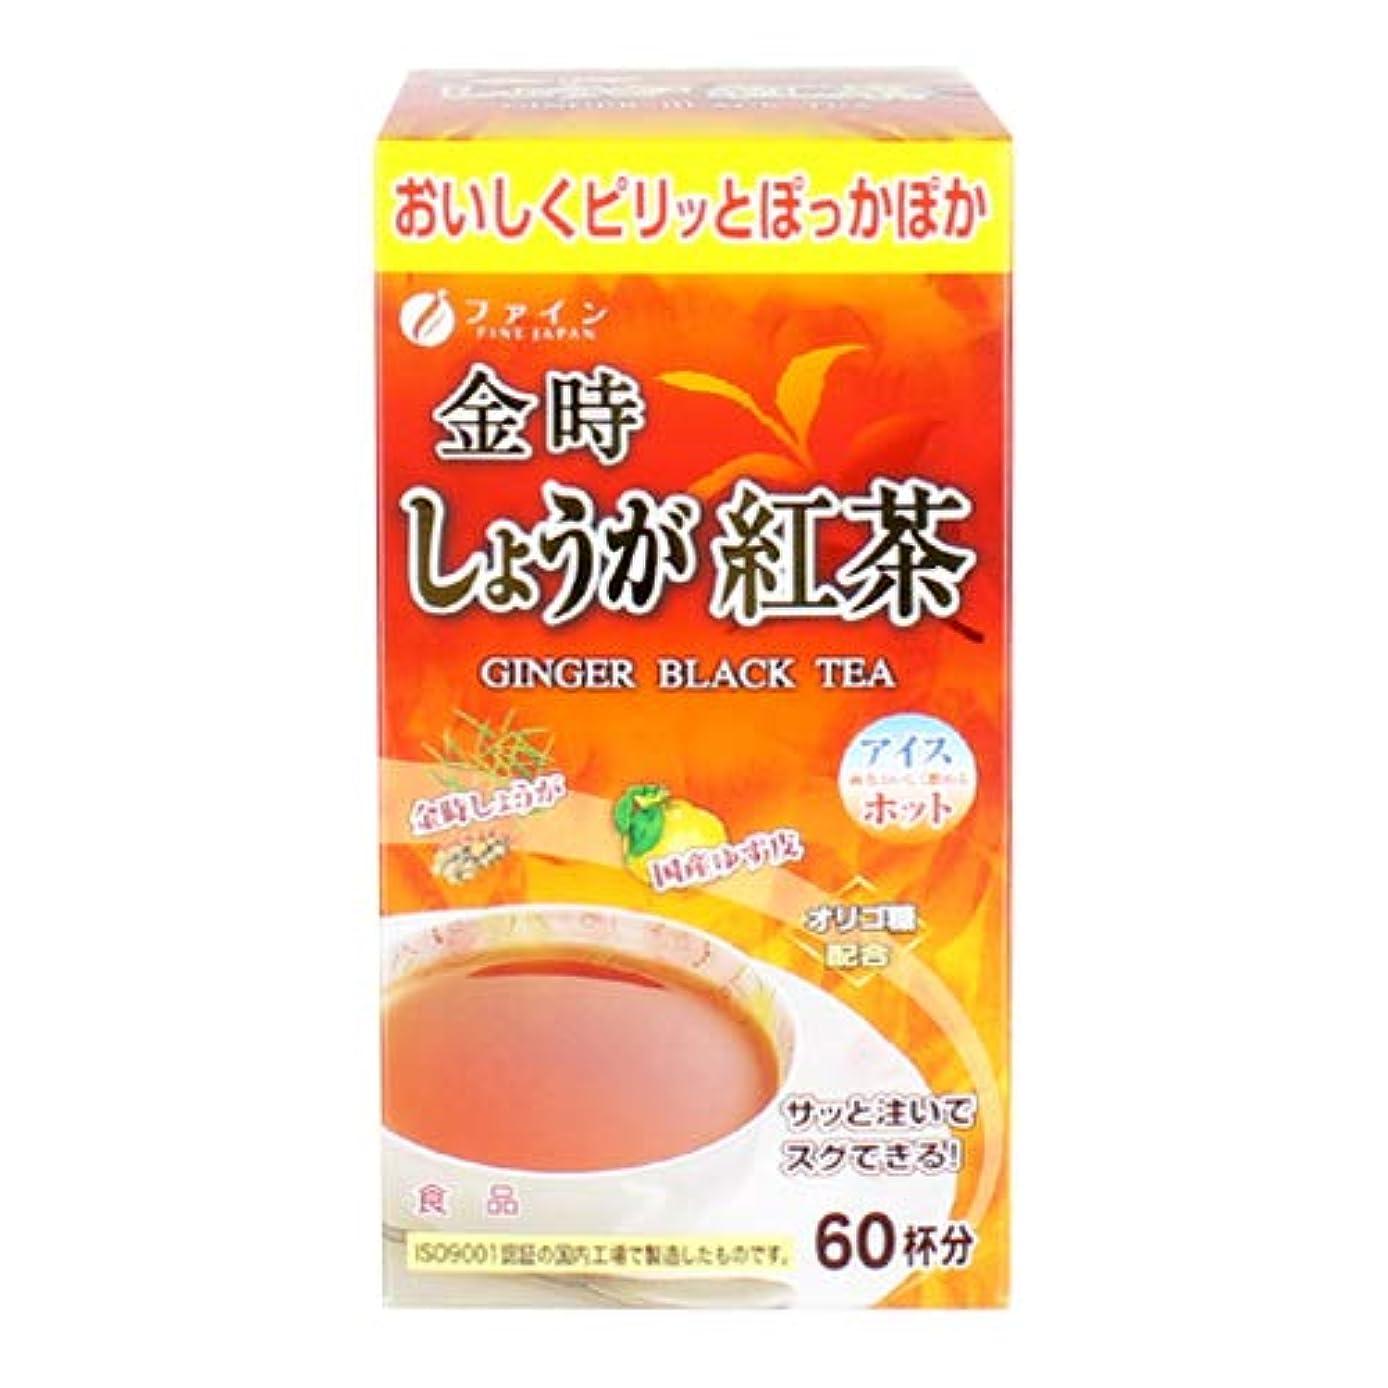 応用卵その間ファイン しょうが紅茶 【30箱組】